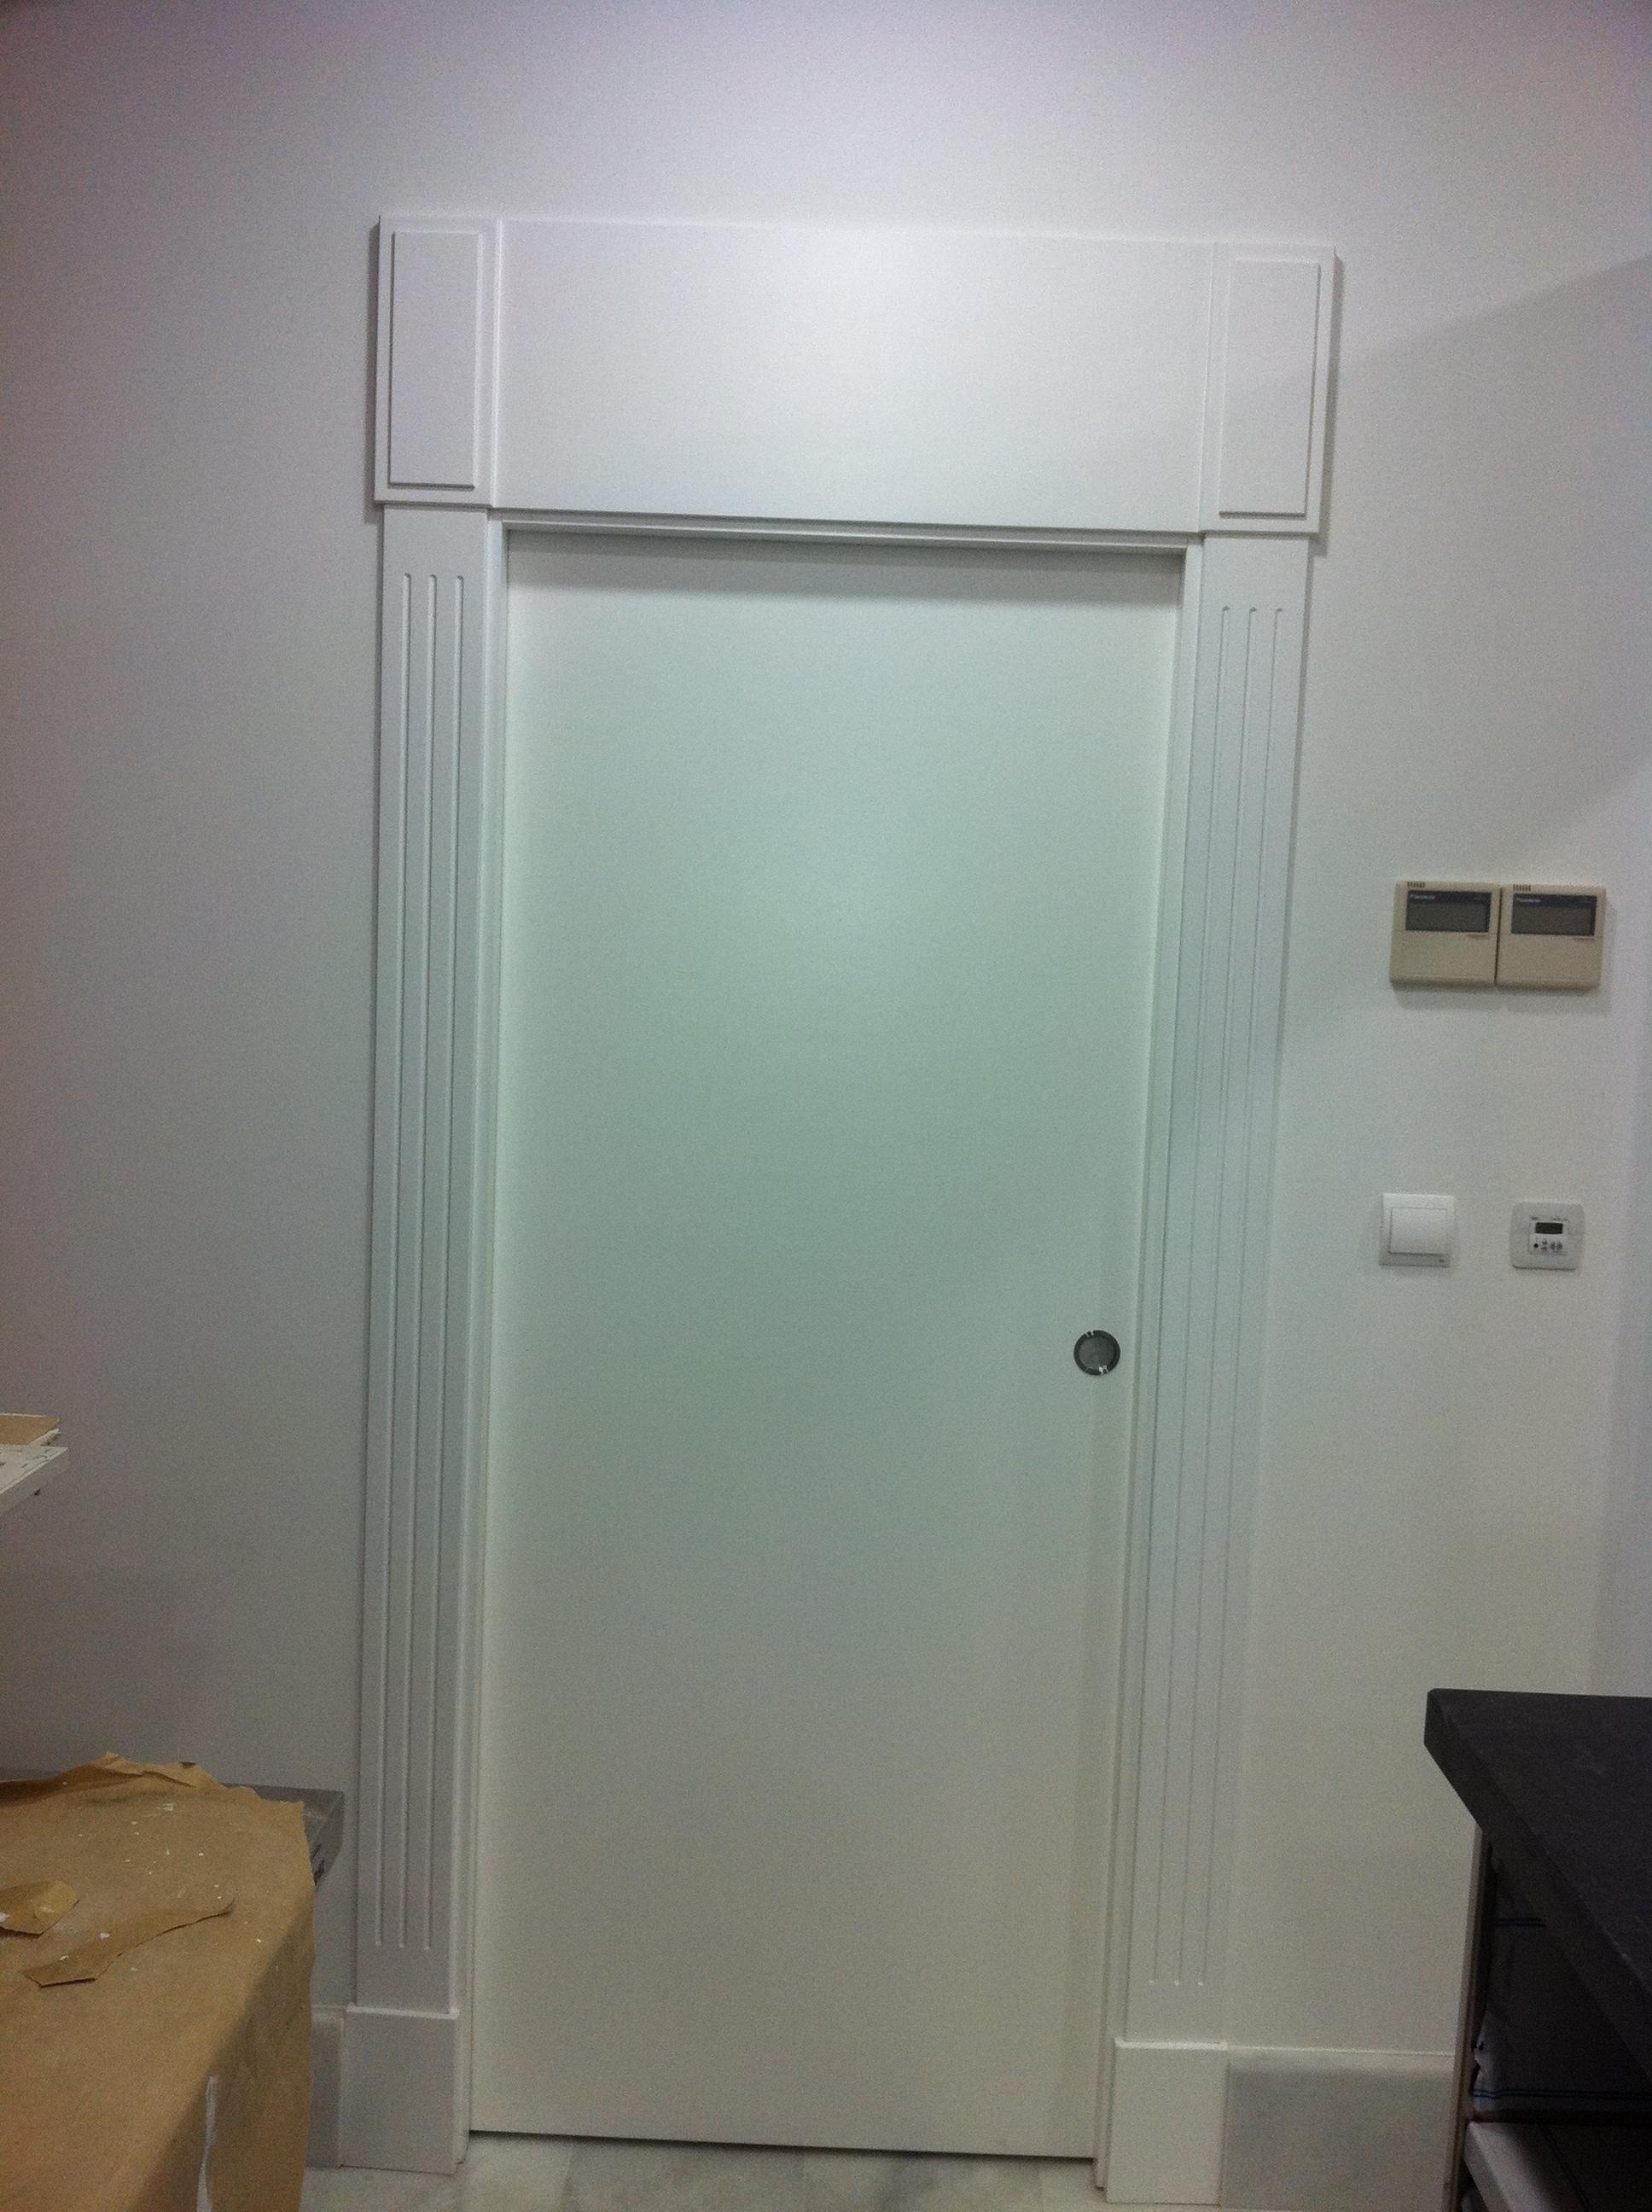 Puertas correderas de paso interior carpinteria movidecor granada - Instalacion de puerta corredera ...